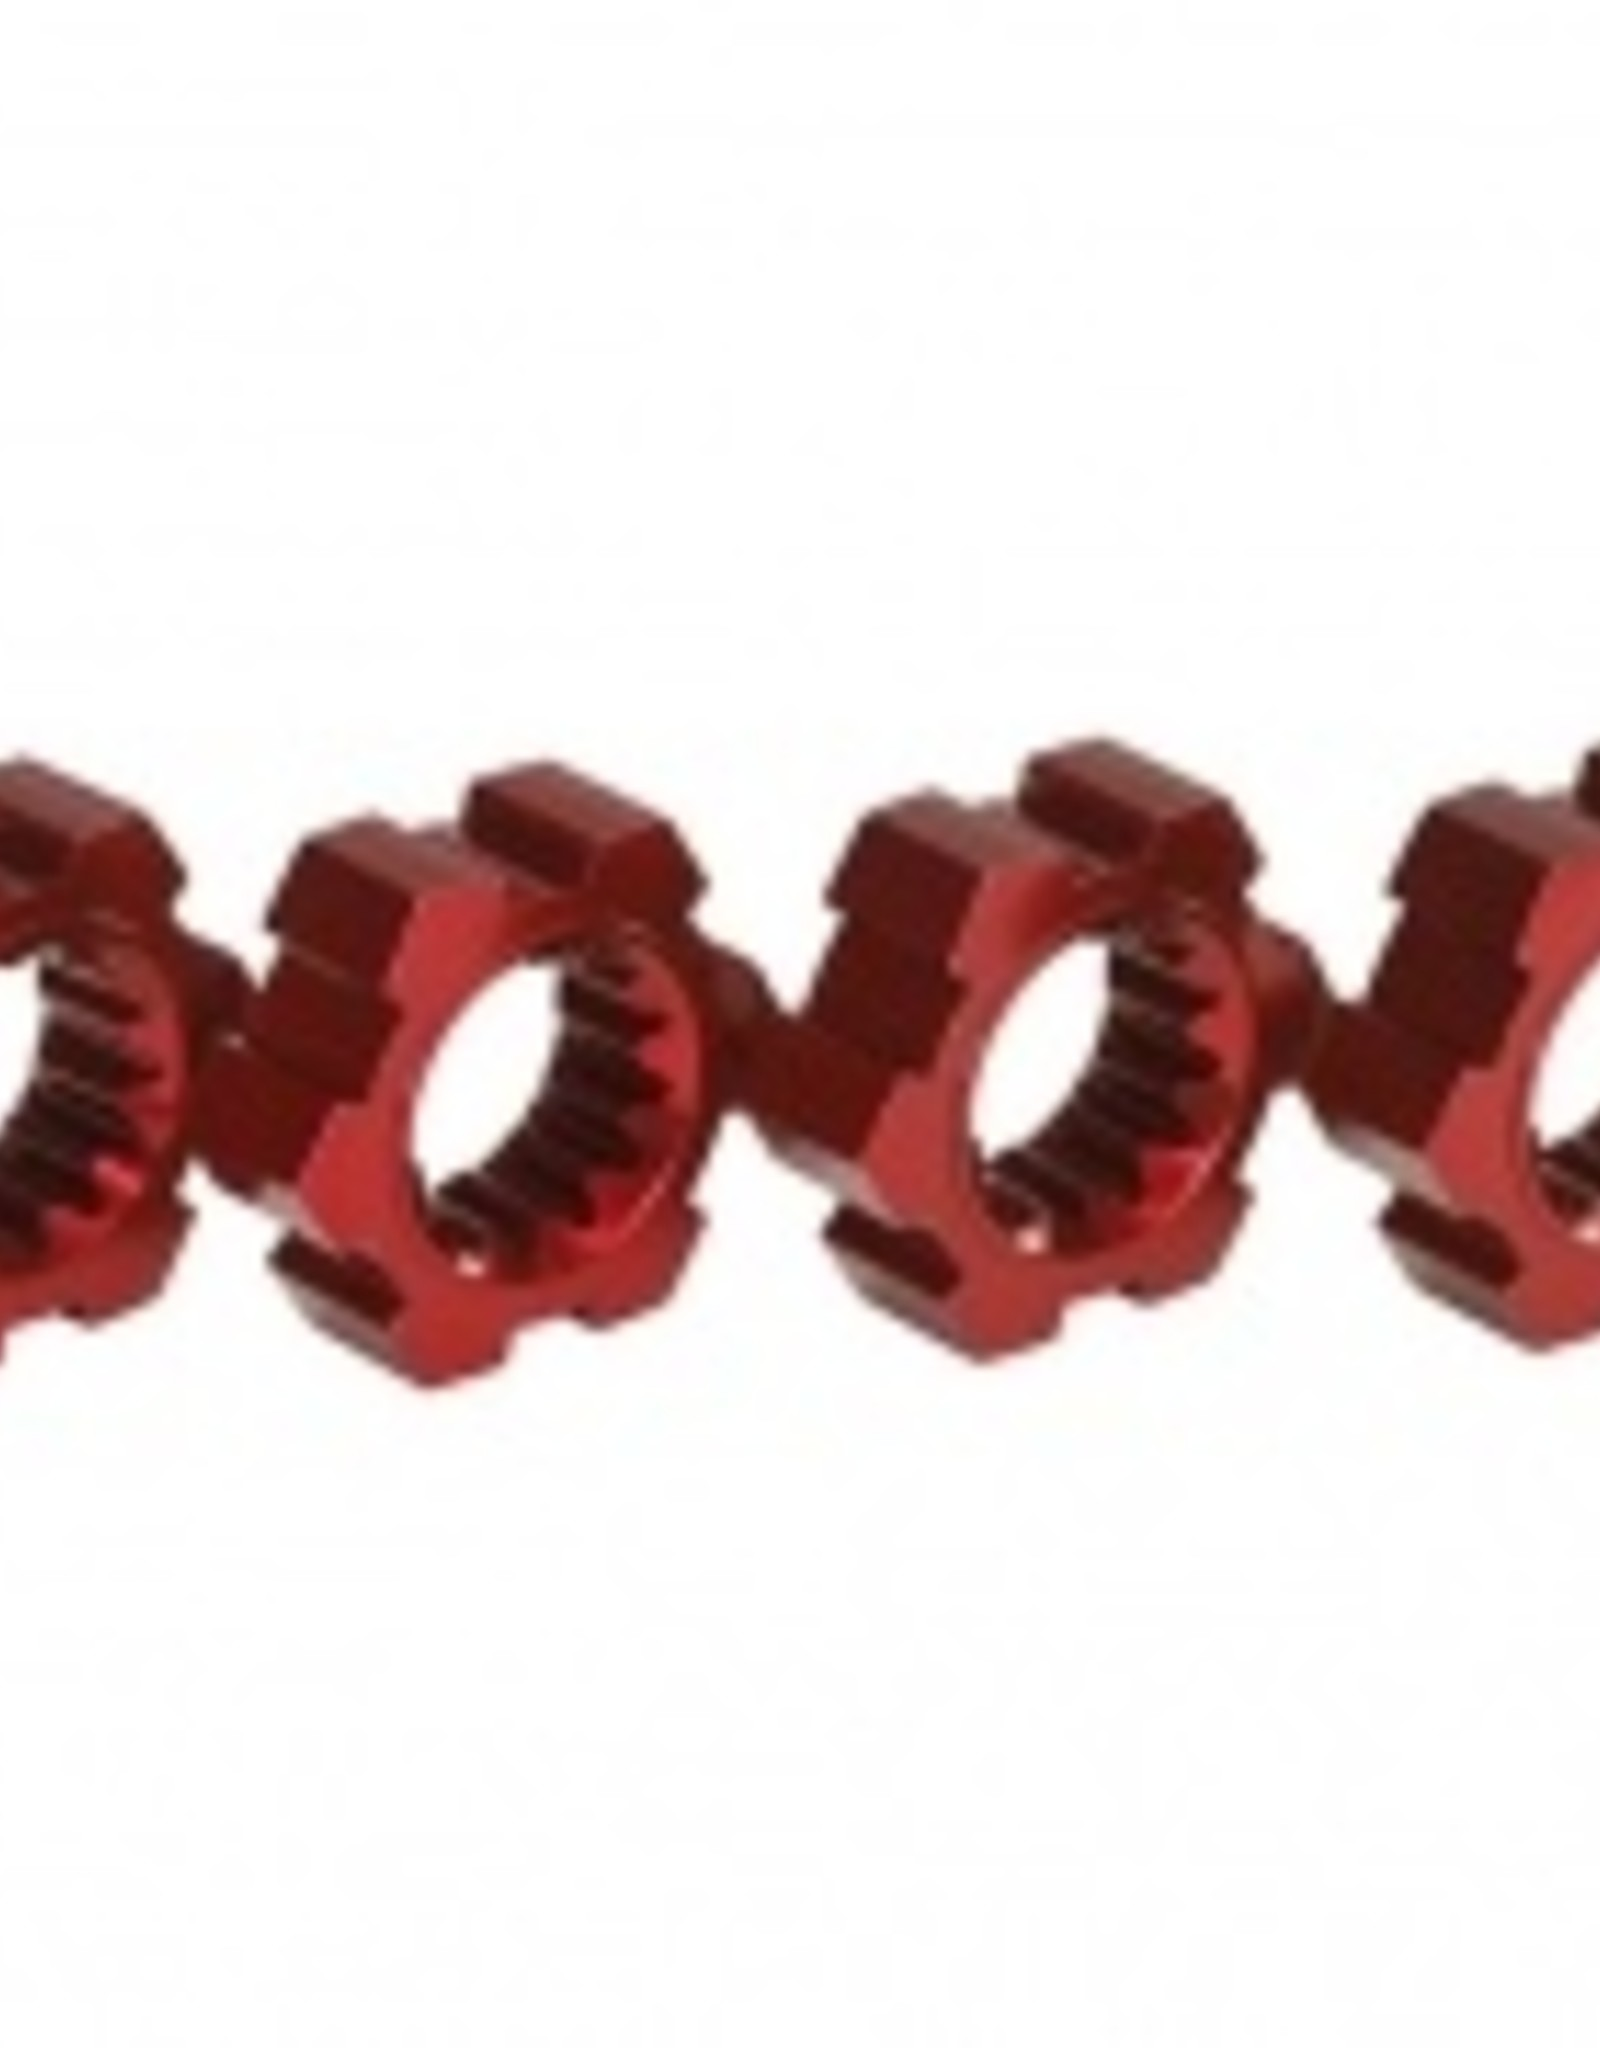 Traxxas Traxxas X-Maxx Wheel hubs, hex, aluminum (red-anodized) (4)